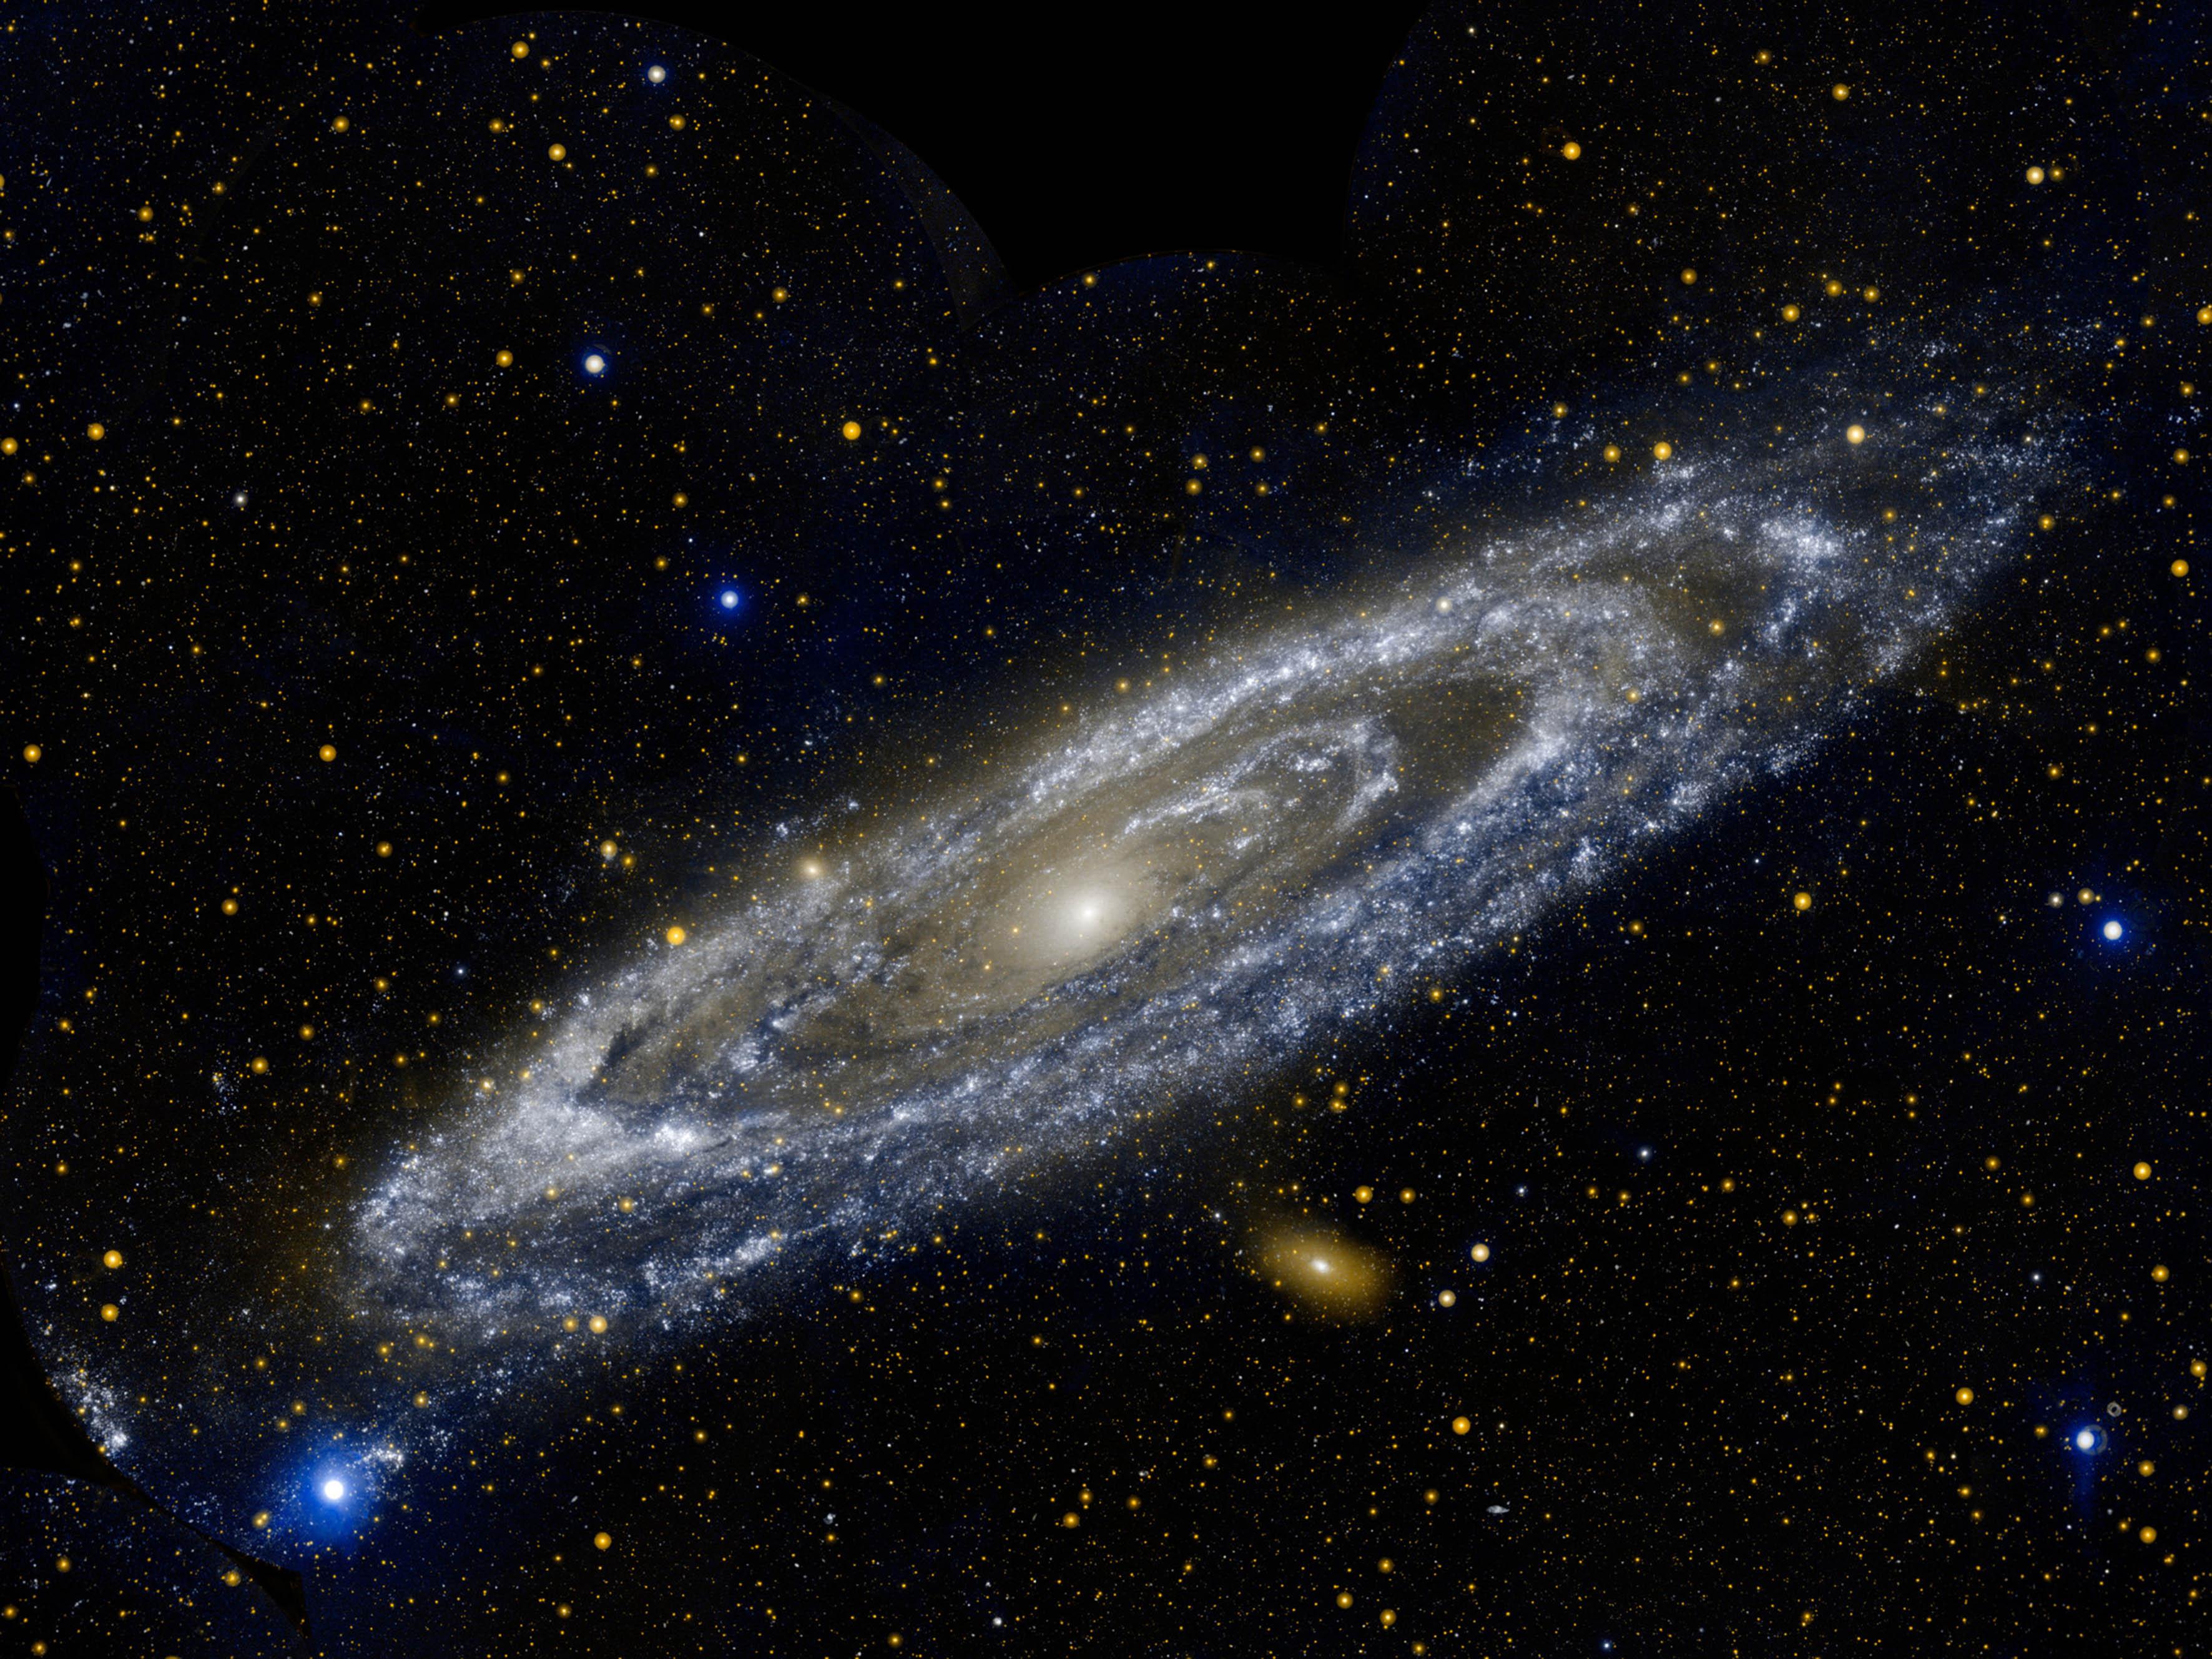 Encuentran un desierto estelar alrededor del centro de la Vía Láctea